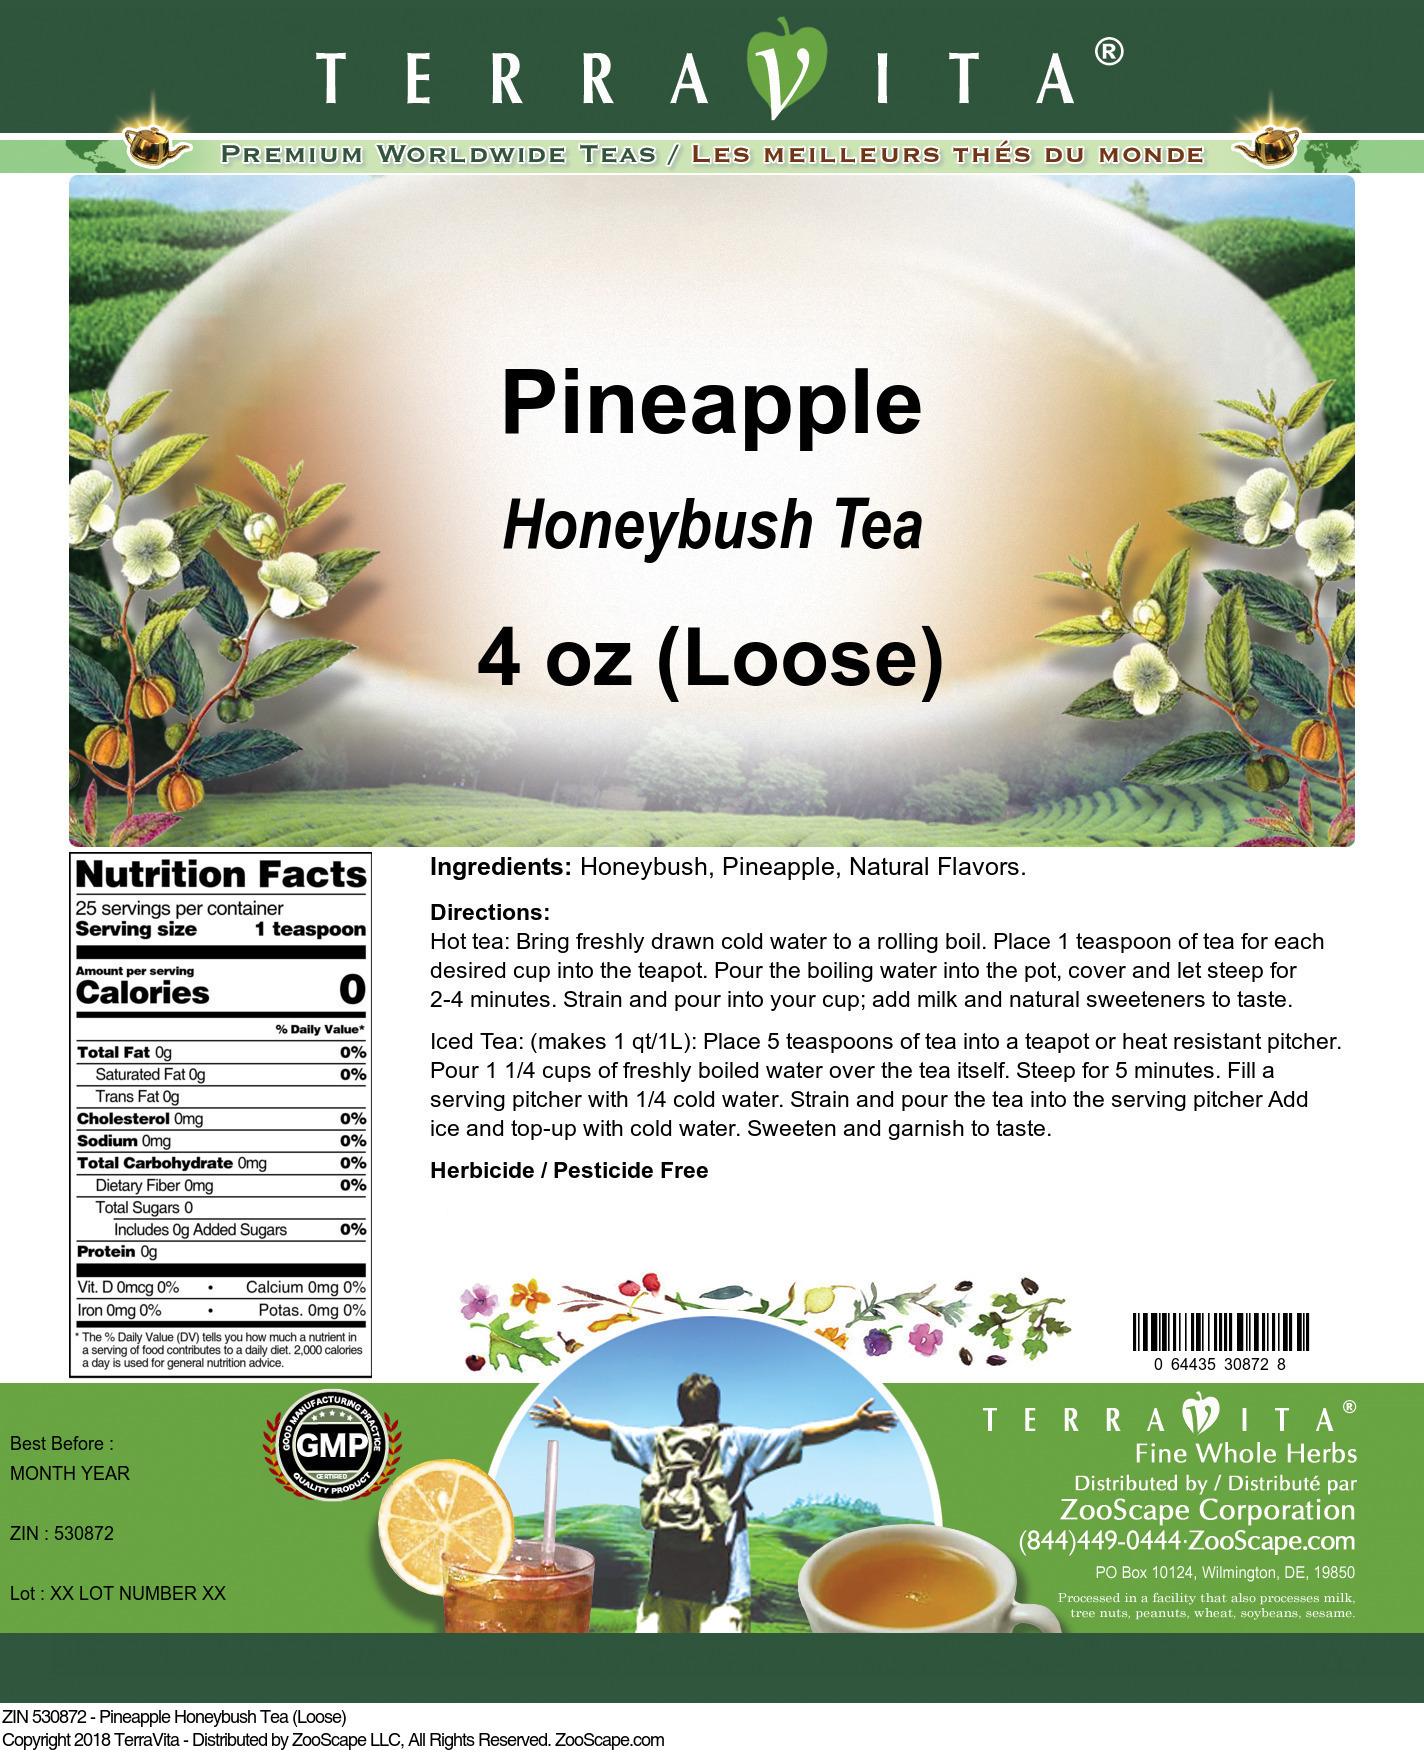 Pineapple Honeybush Tea (Loose)